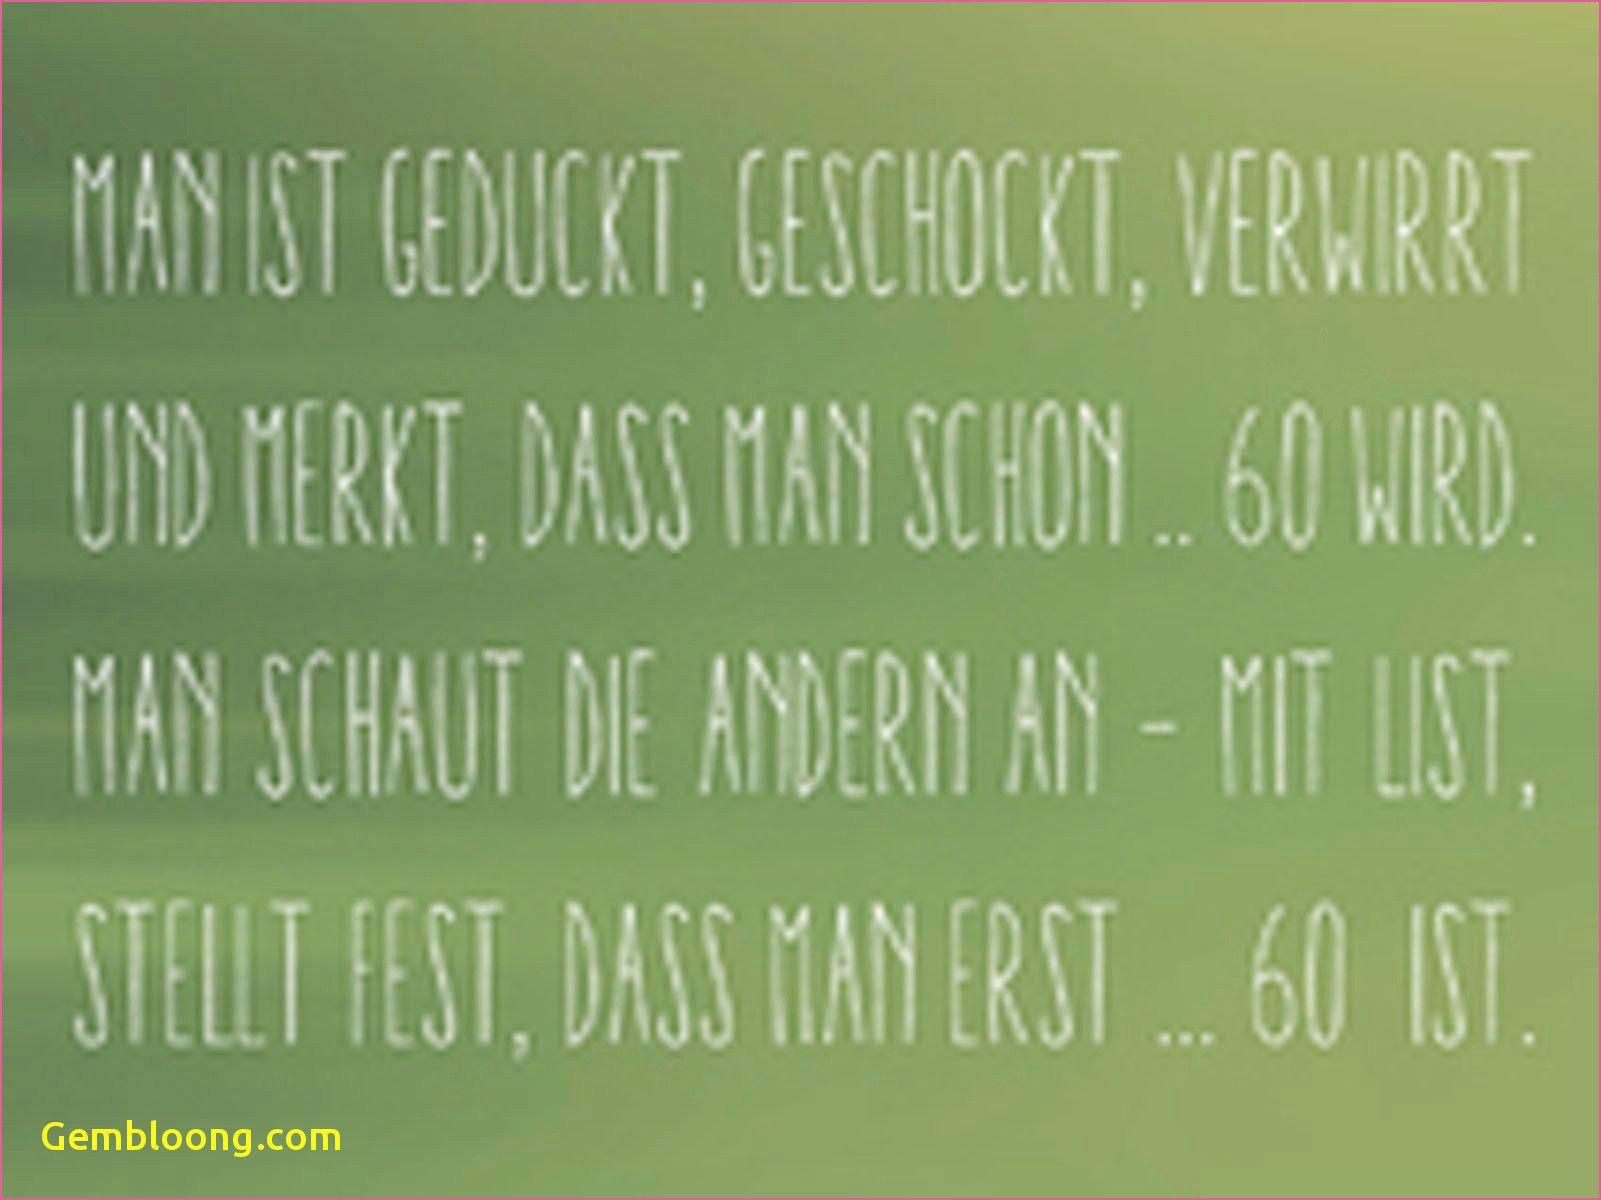 Spruch Zum 60 Geburtstag Mann In 2020 Einladung Geburtstag